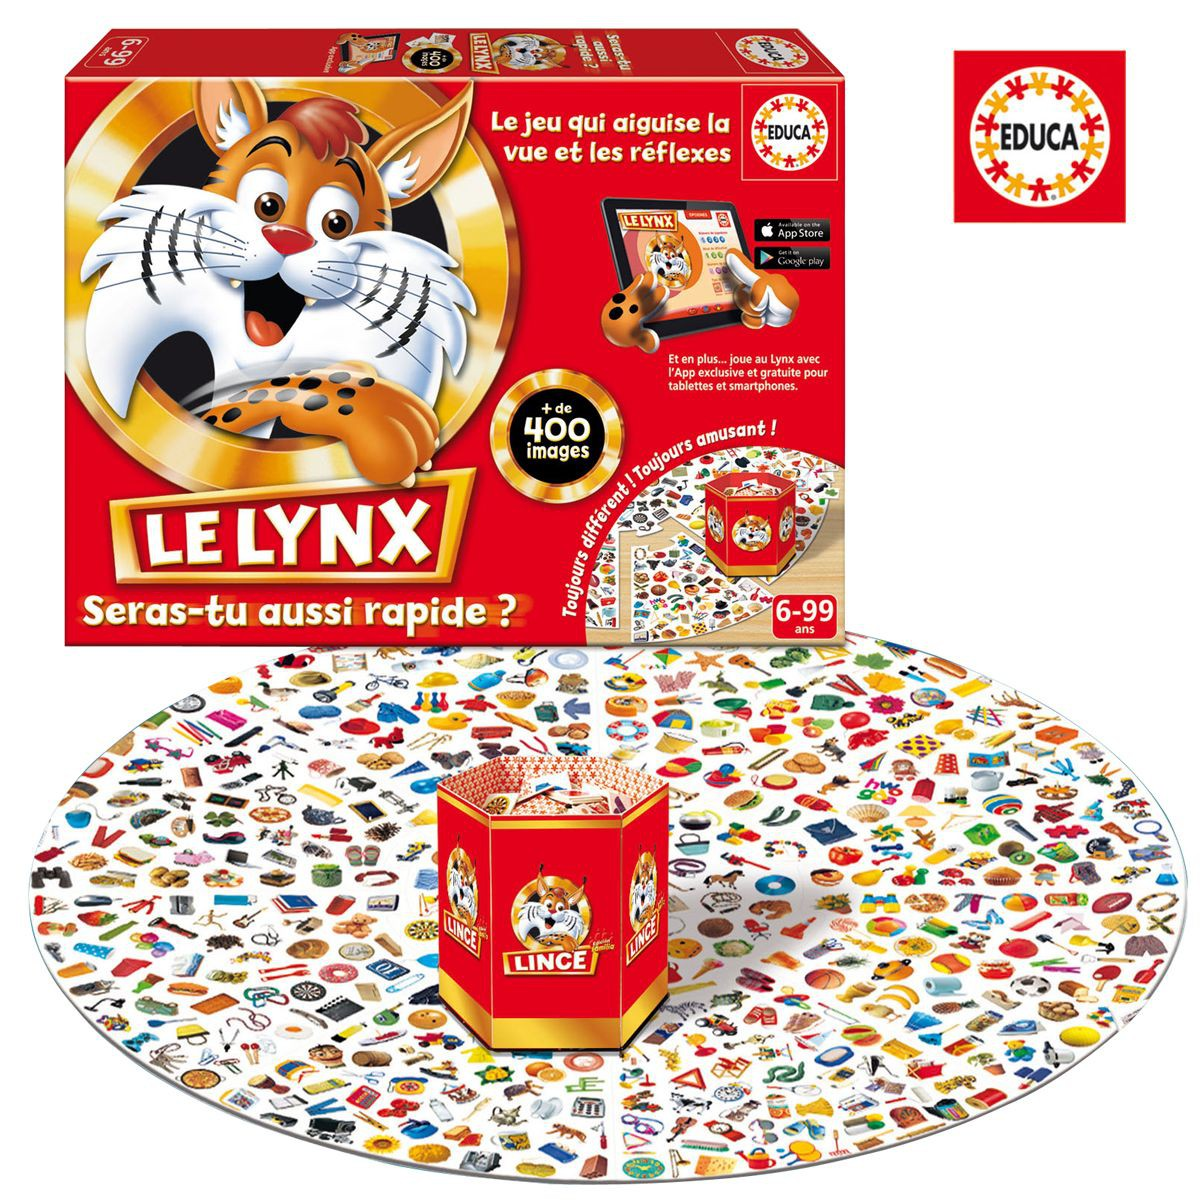 jeux de société le lynx